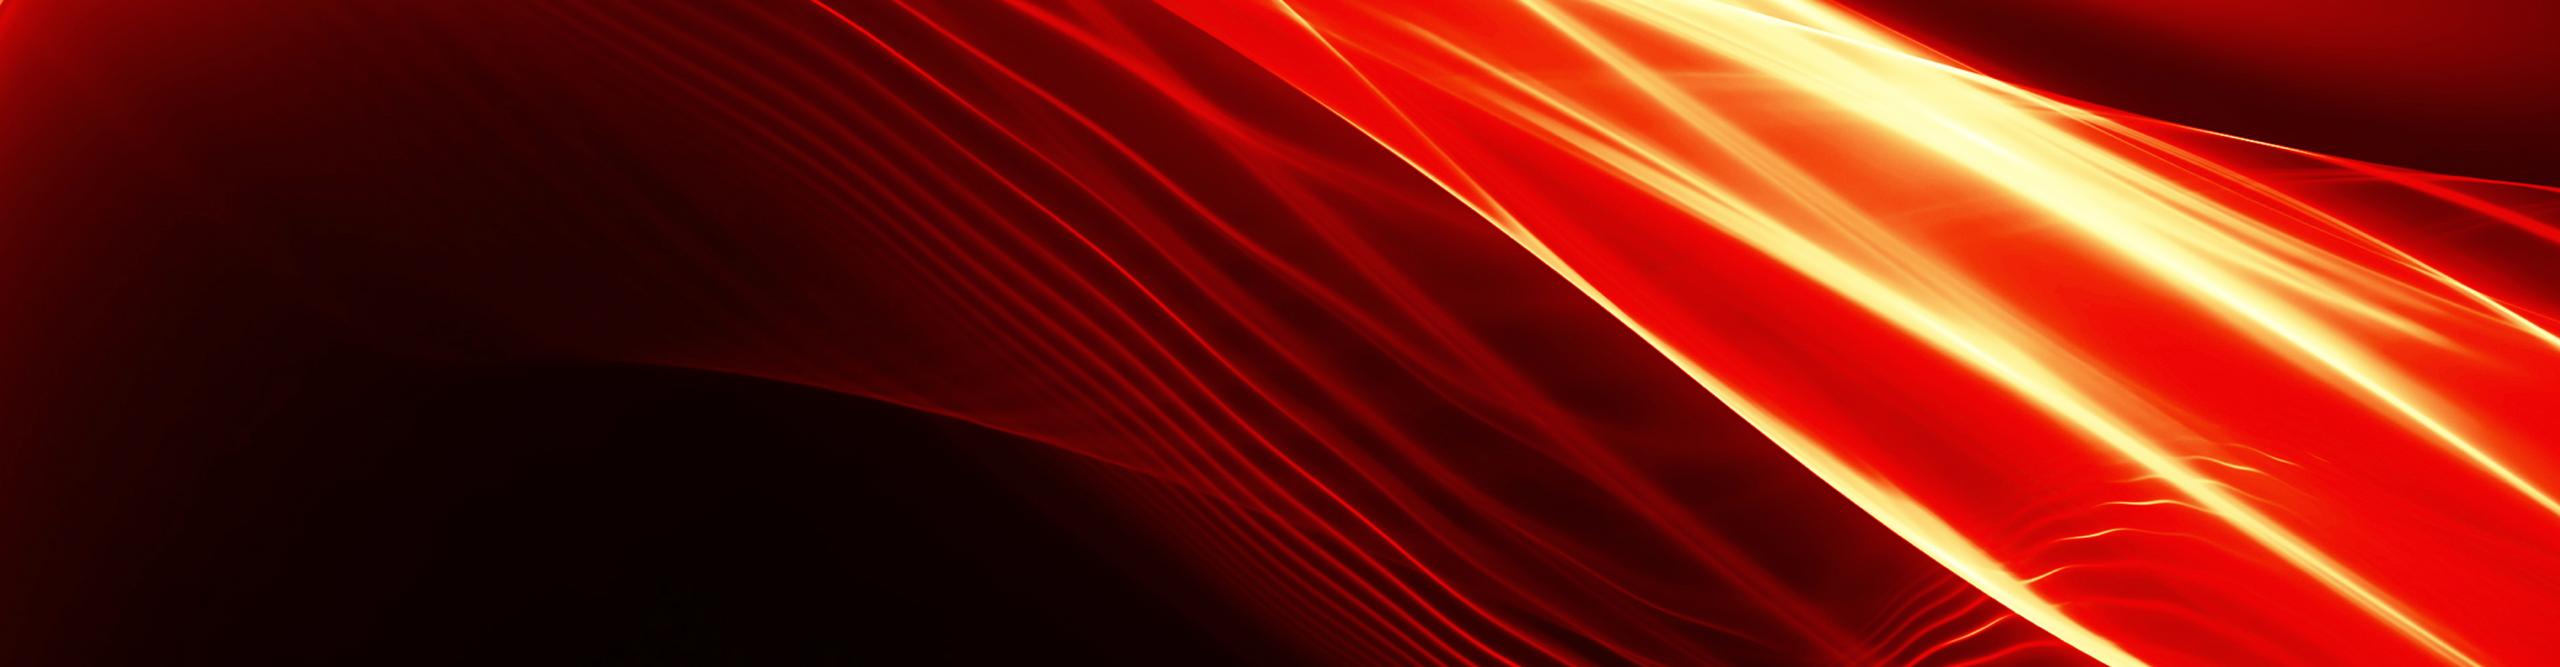 Image de fond de faisceaux rouges